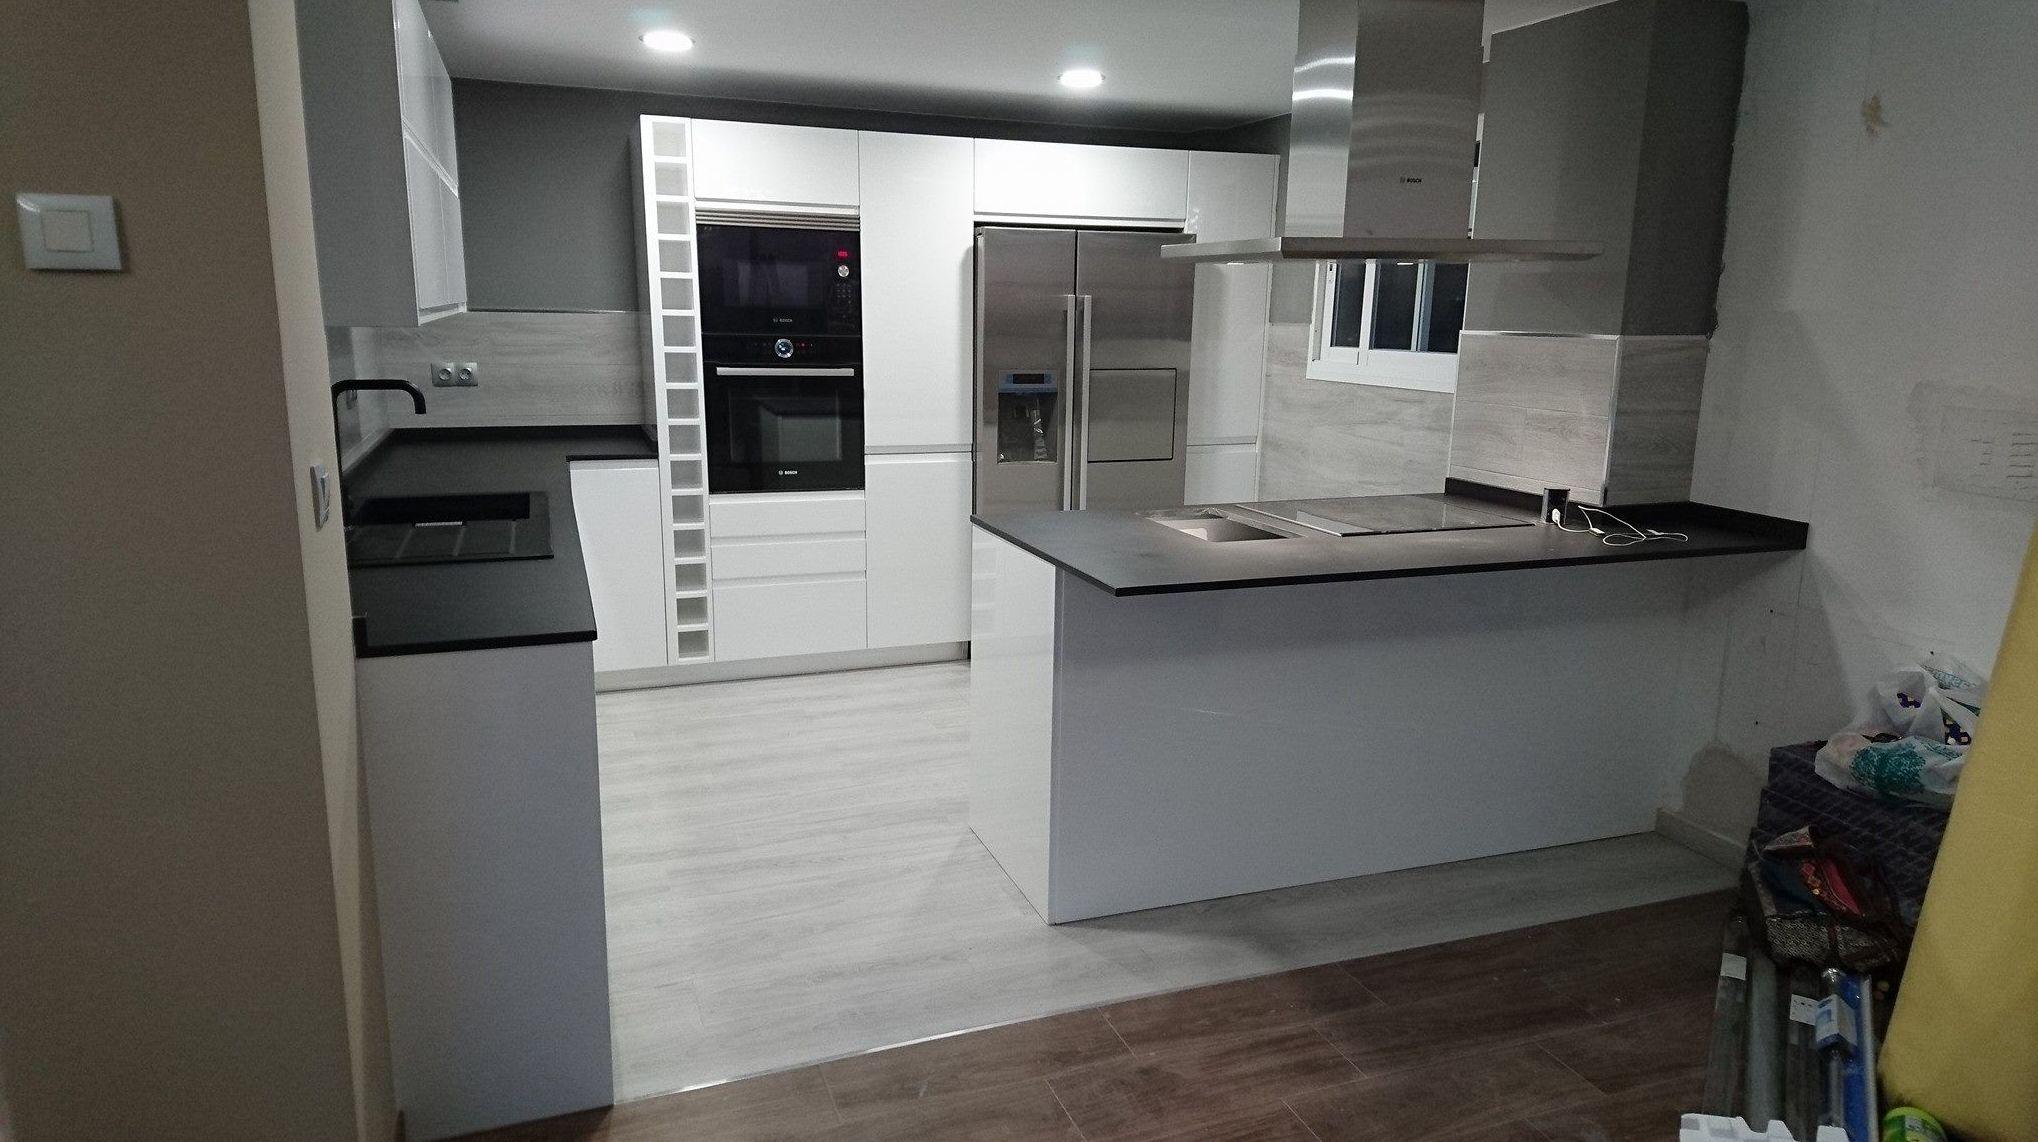 Foto 14 de Muebles de baño y cocina en Oliva | Decocin